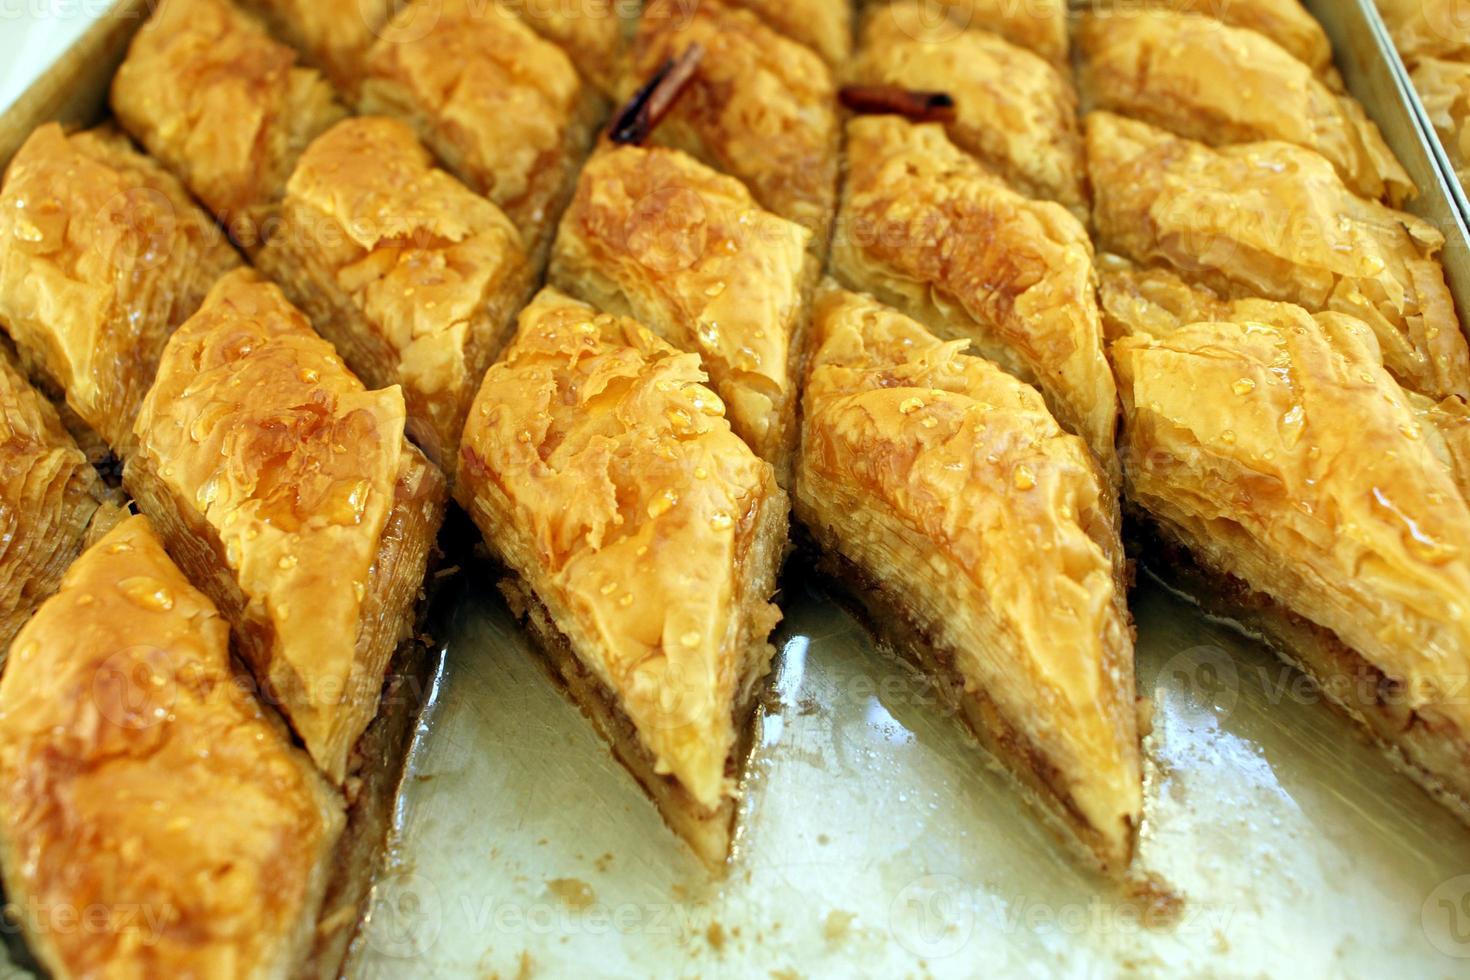 delicatessen griega - baklava dulce foto